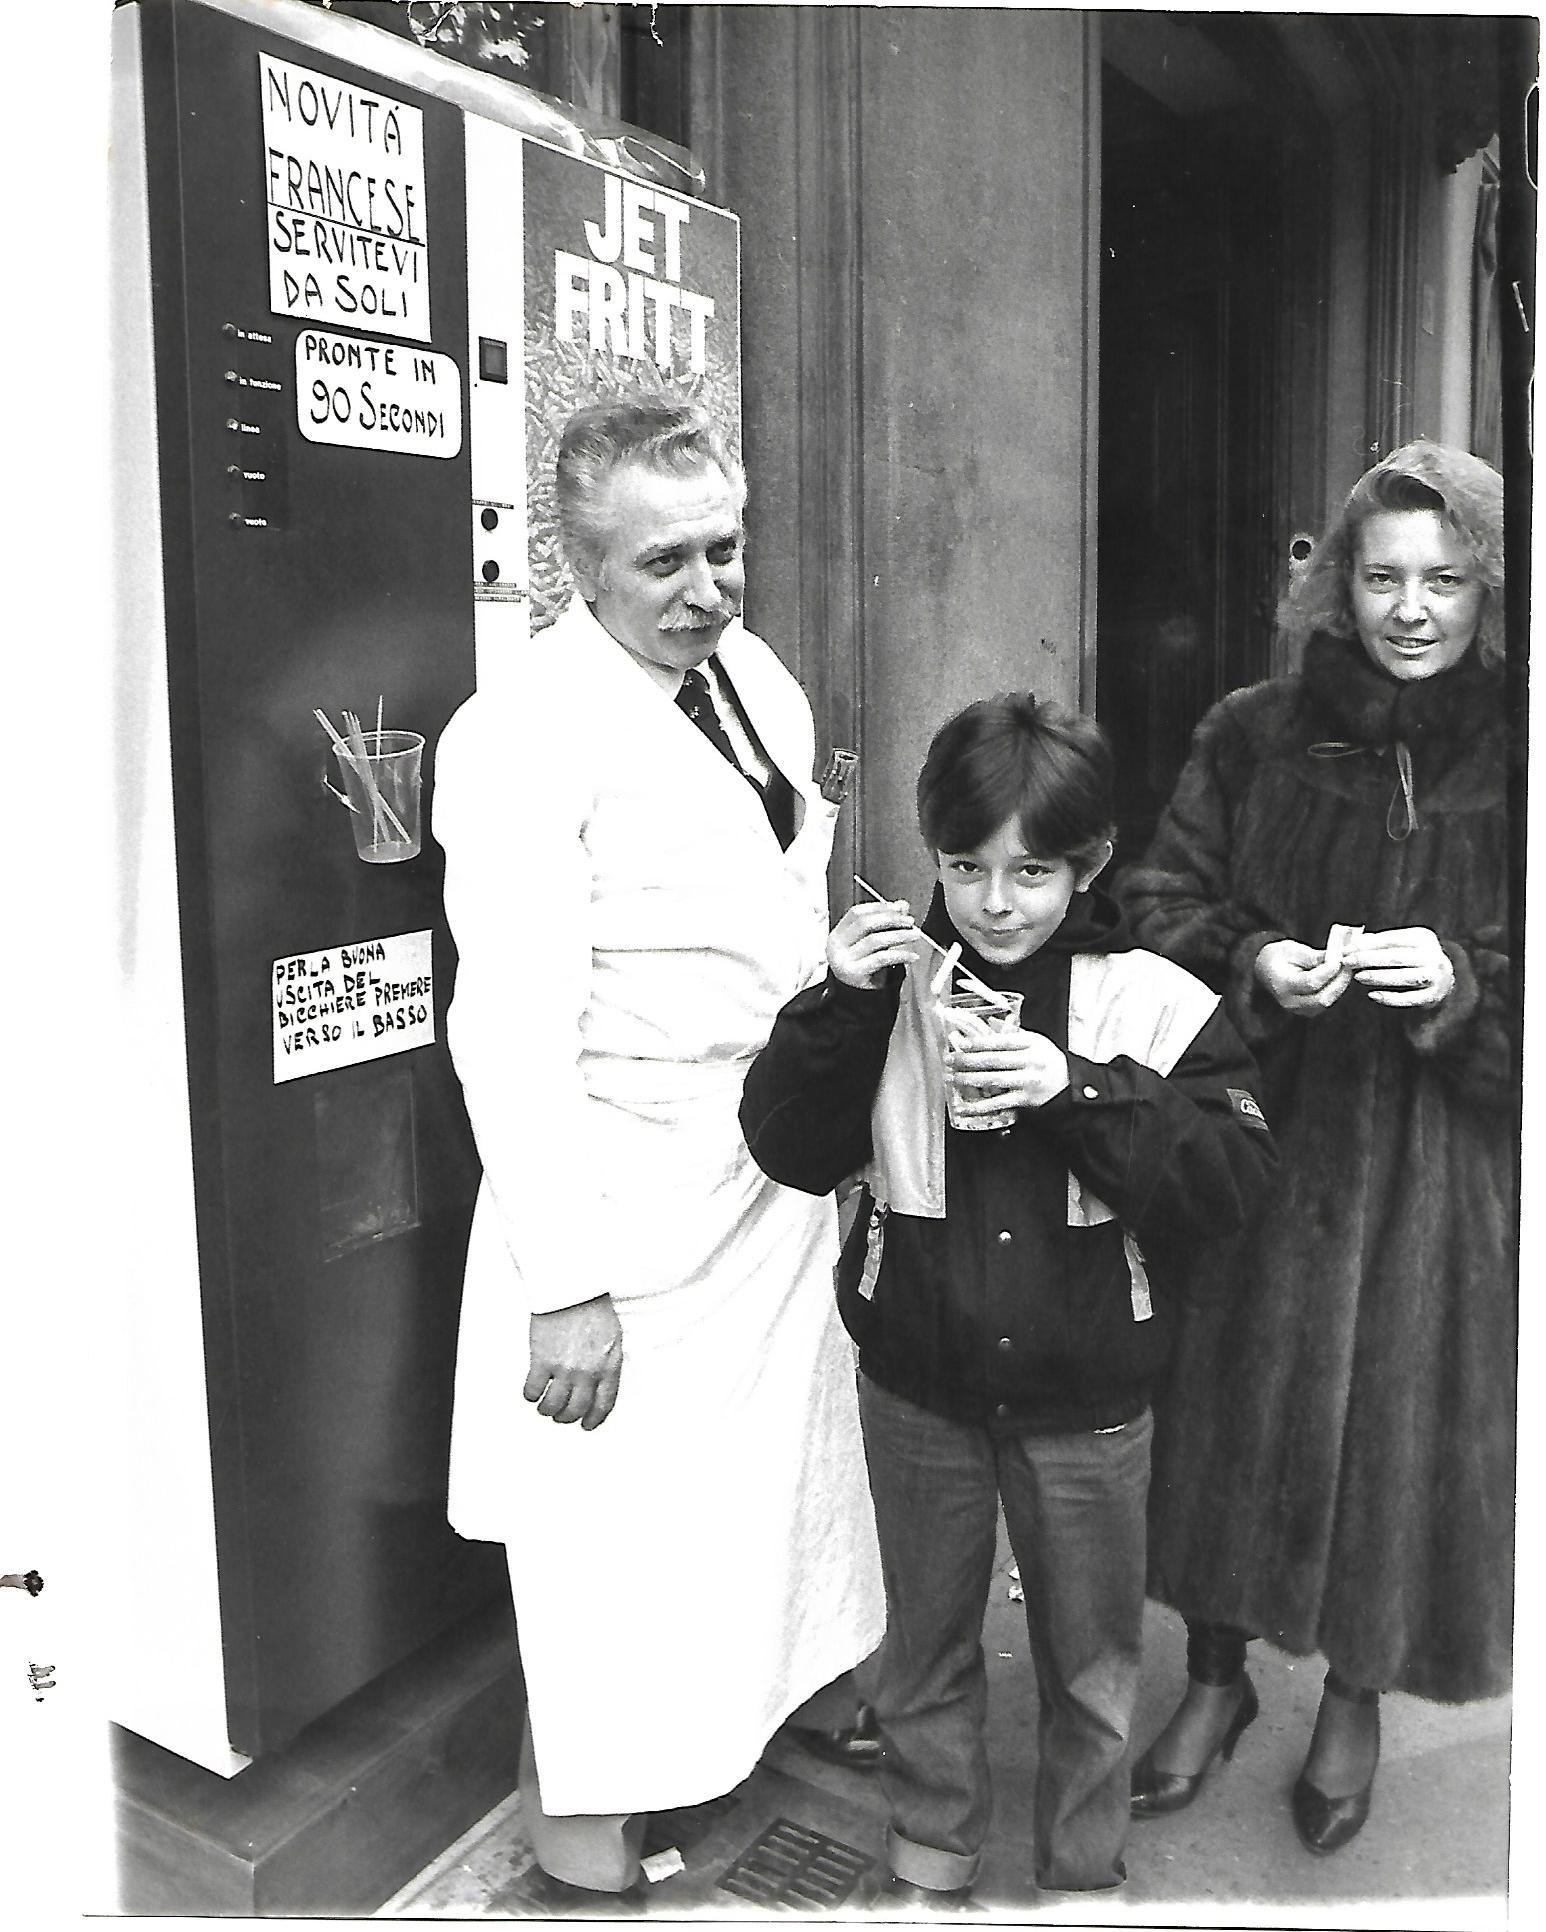 anno 1985.